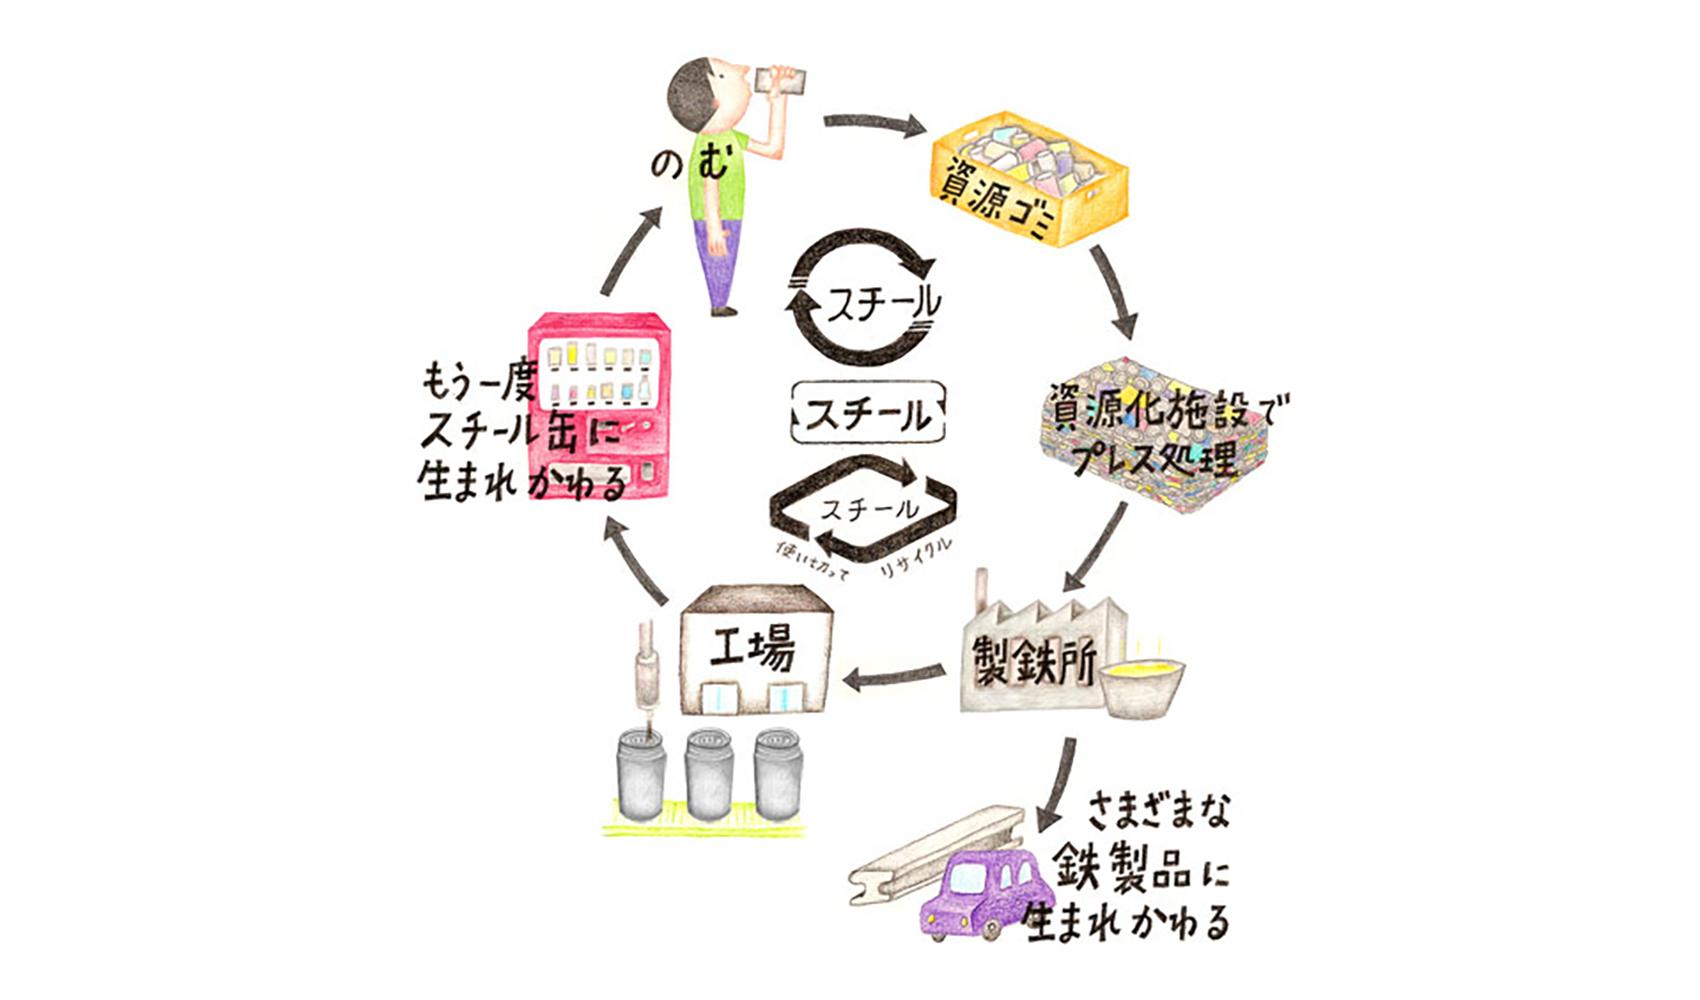 スチール缶はリサイクルすると何になりますか? アルミ缶のようにとかしてリサイクルするのですか?